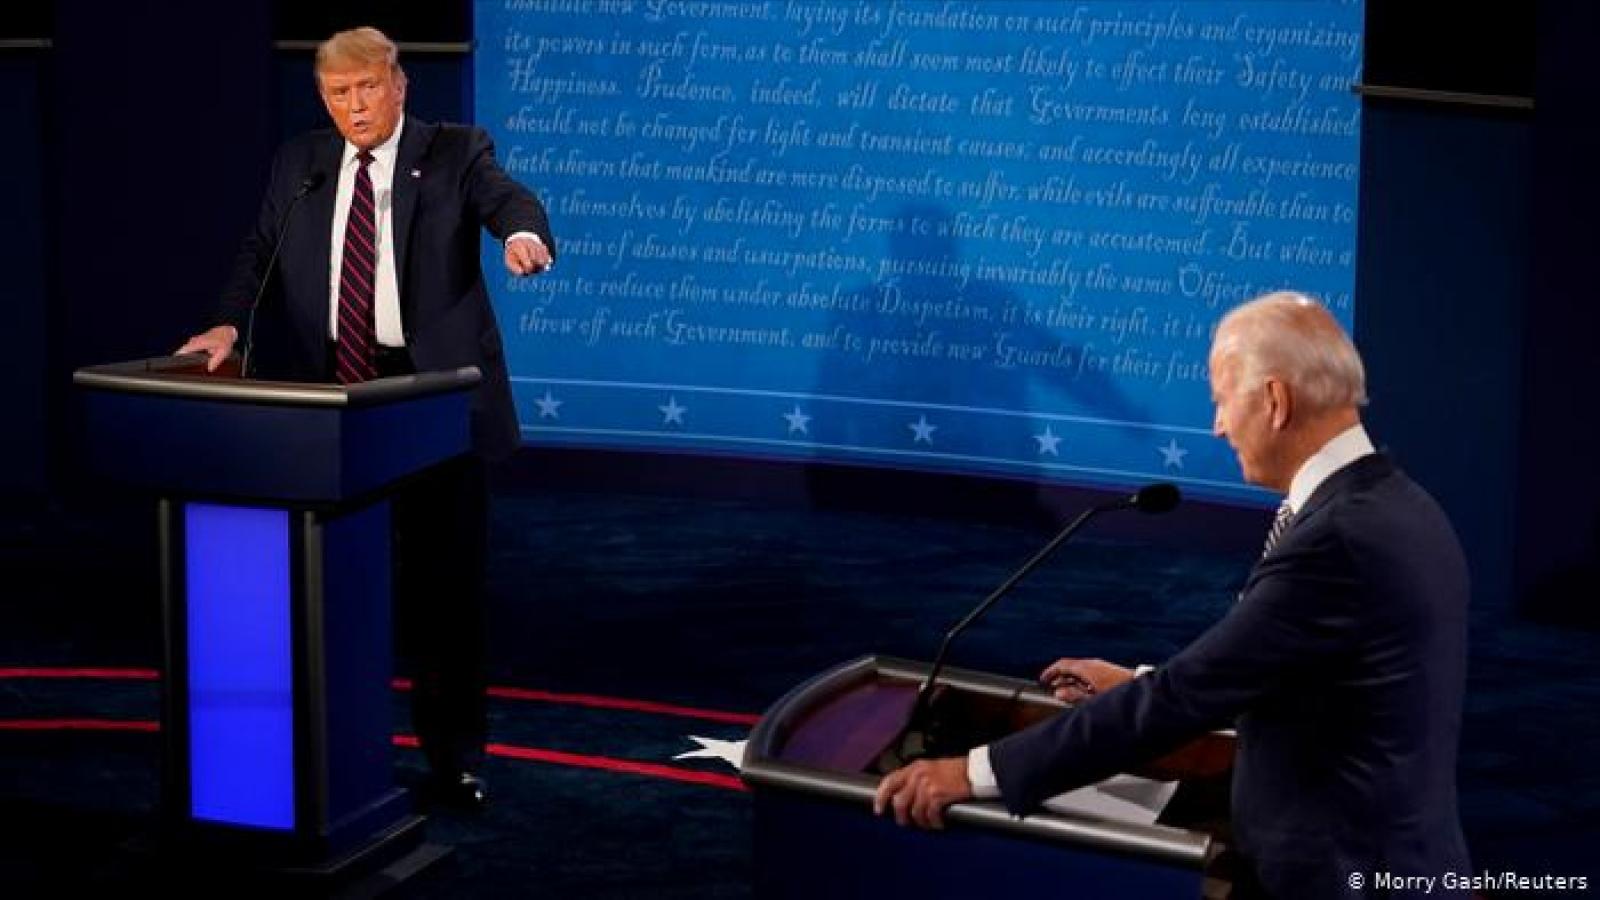 Điều duy nhất Biden đã làm để chiến thắng cuộc tranh luận trước Trump